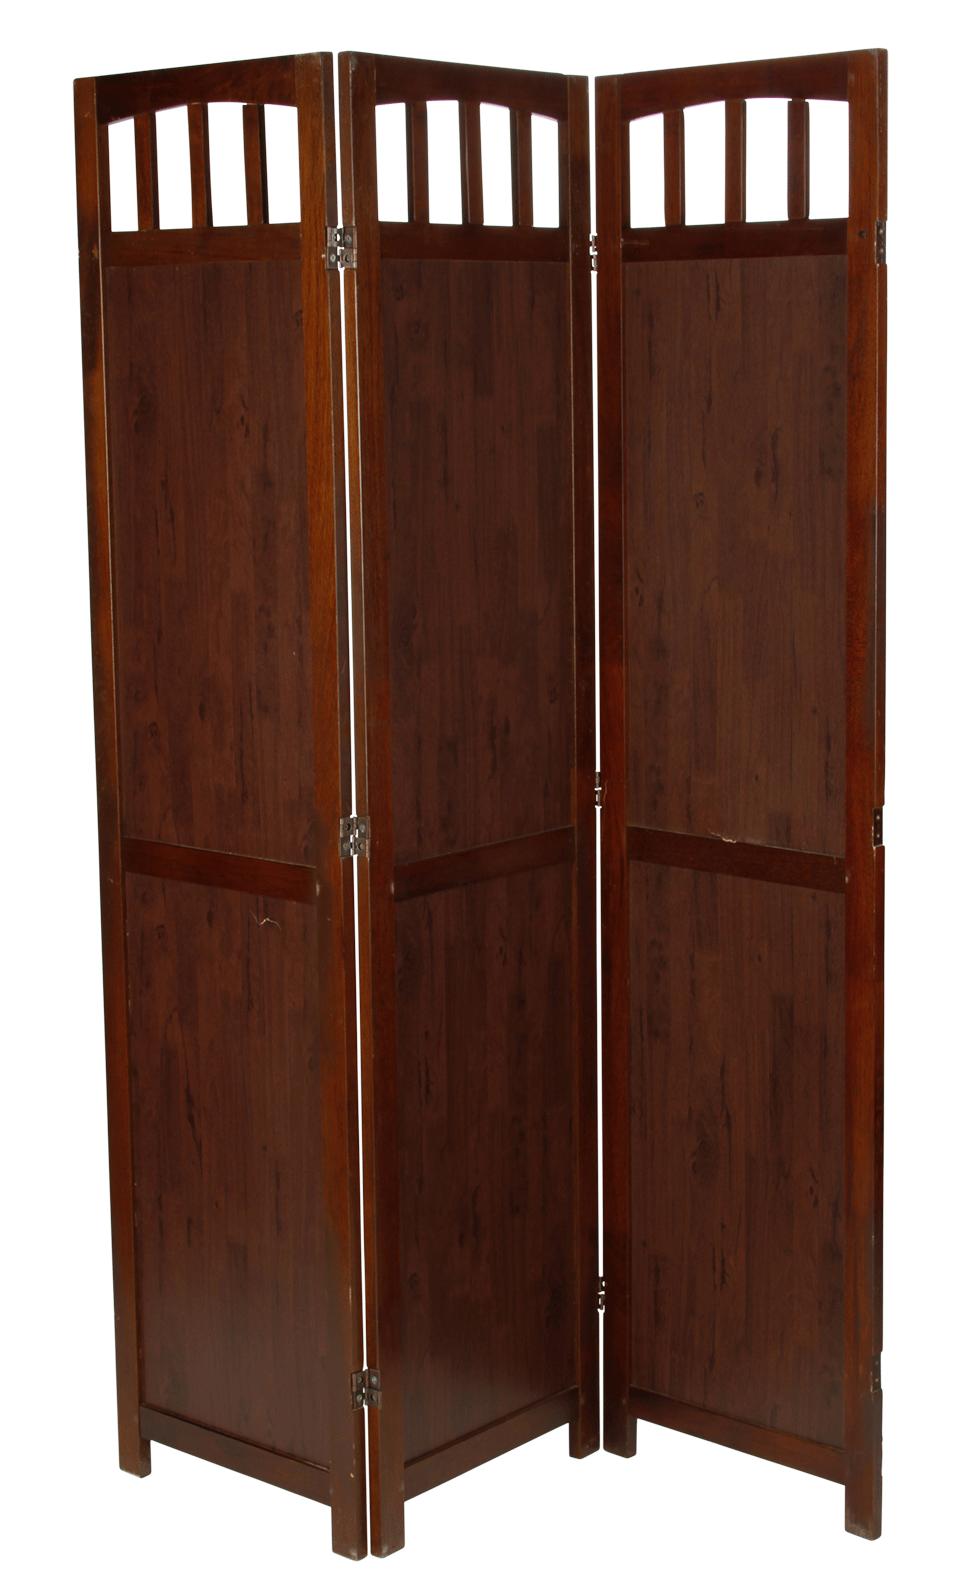 metal frame outdoor kitchen aid blender parts dark wood room divider | bright rentals